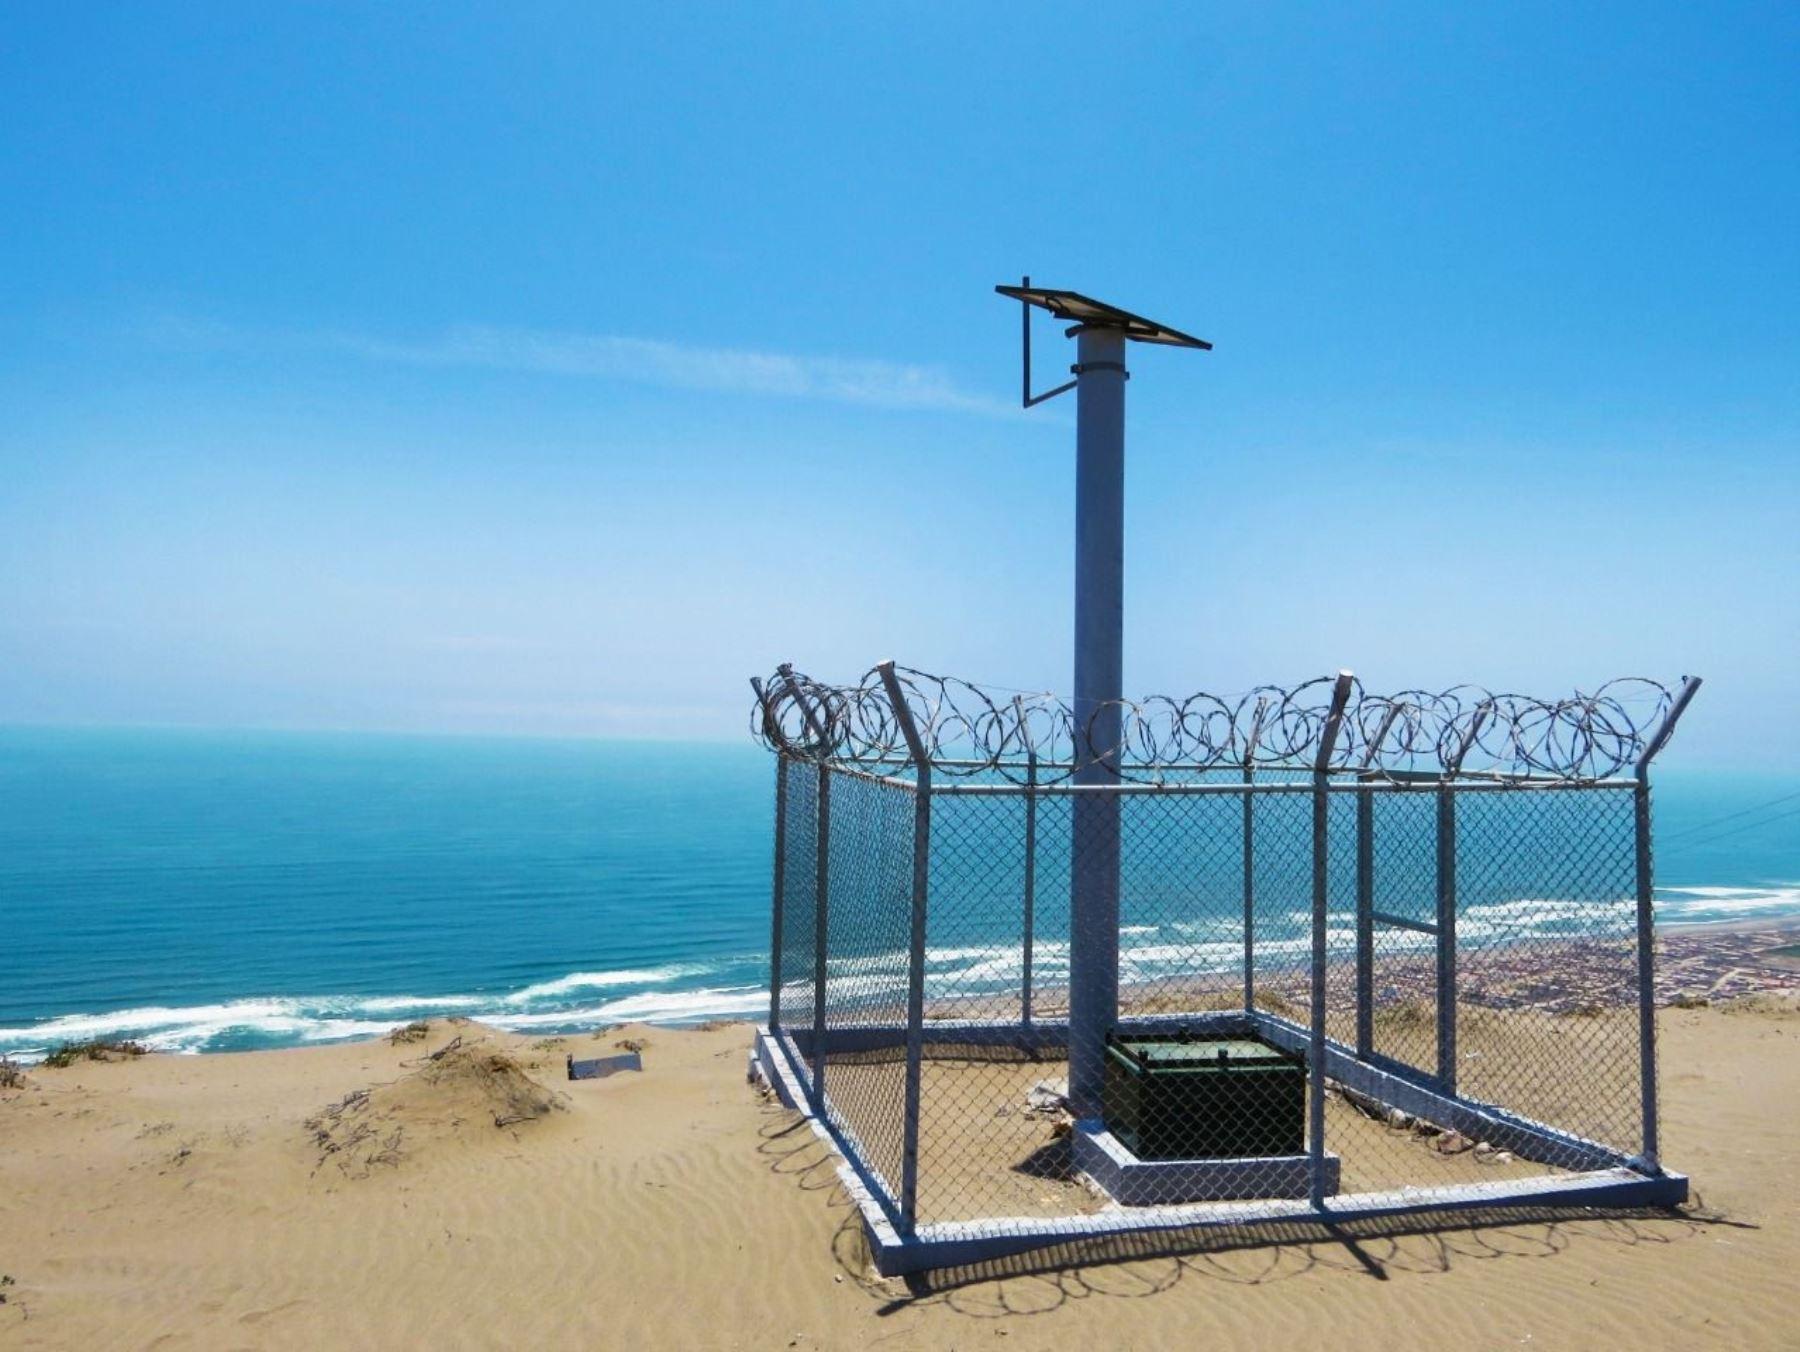 IGP instalará 30 sensores sísmicos en el litoral de las regiones Arequipa, Moquegua y Tacna.